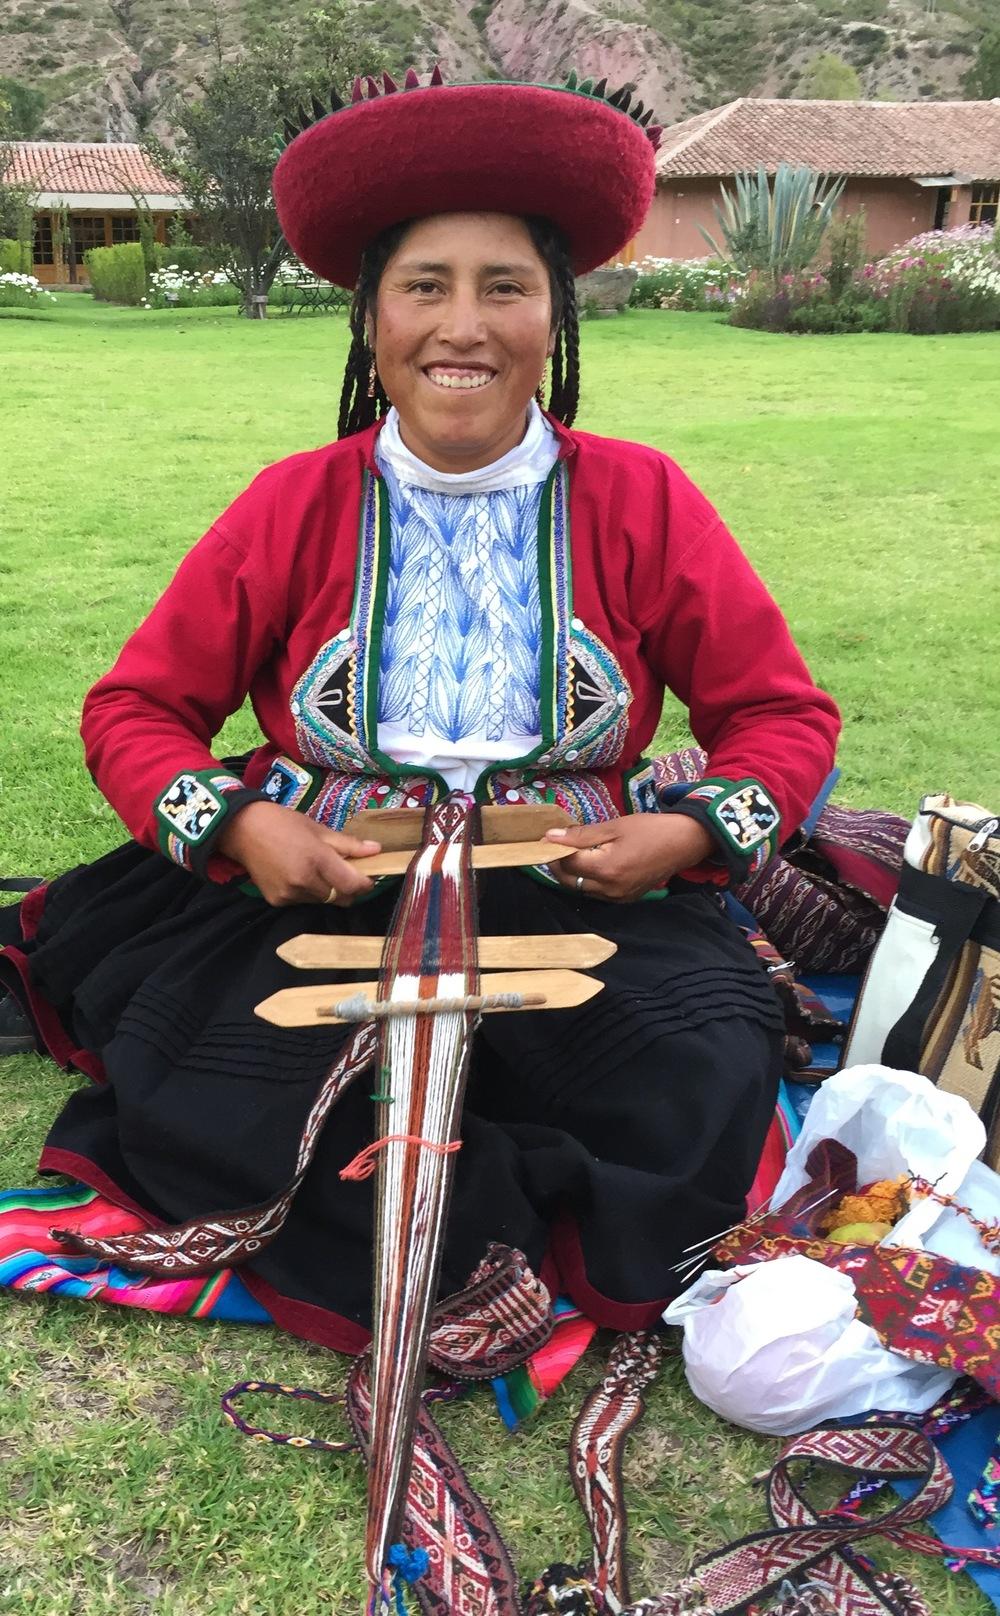 Veven festes i bakken med en liten metallpinne, og så kan man lage de vakreste bånd. Til høyre ligger en påbegynt Chinchero-lue, en såkalt Chullos.